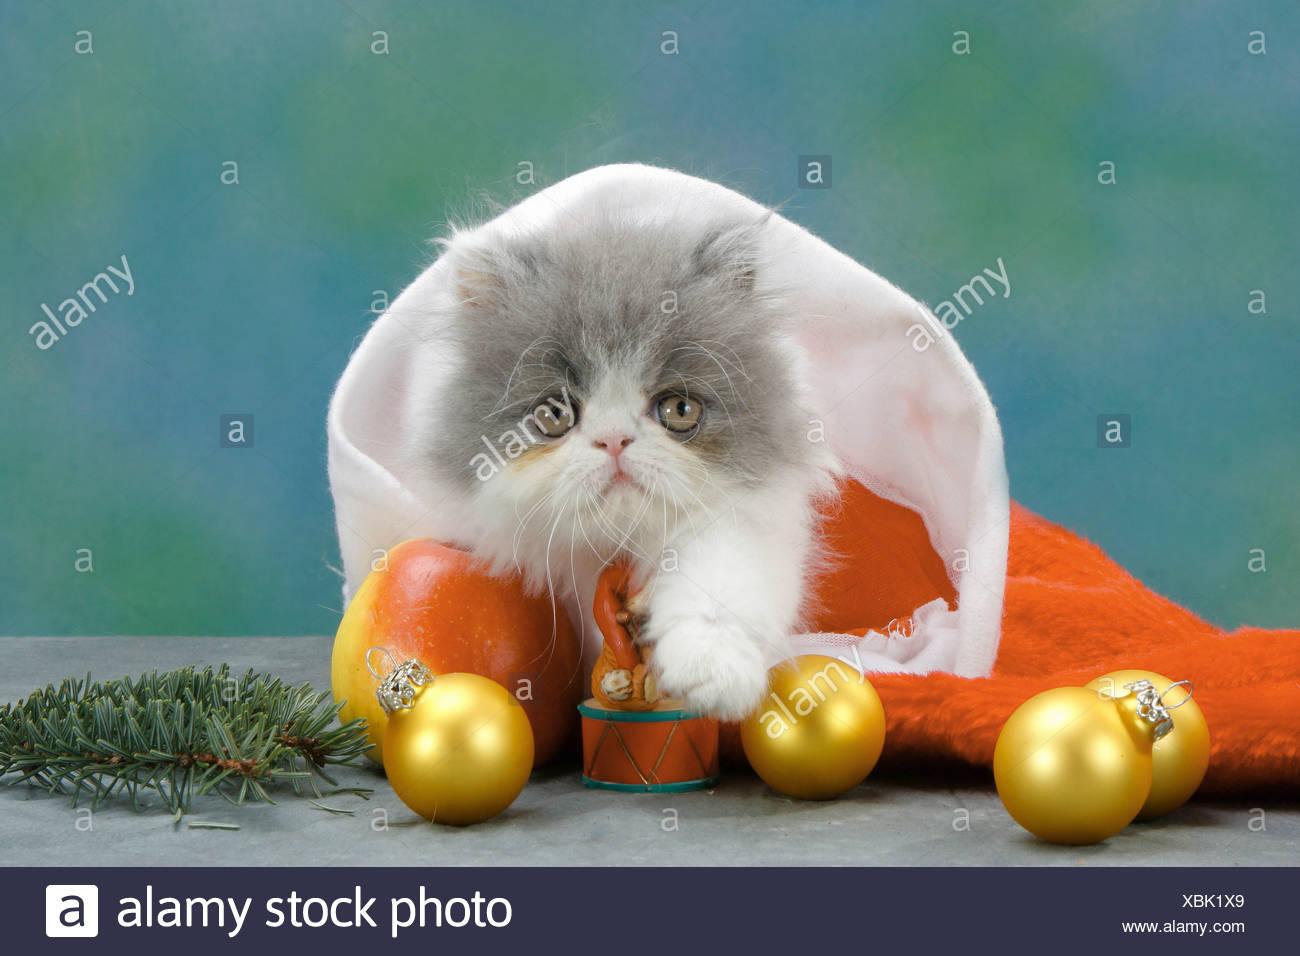 Persian kitten in santa claus cap - Stock Image